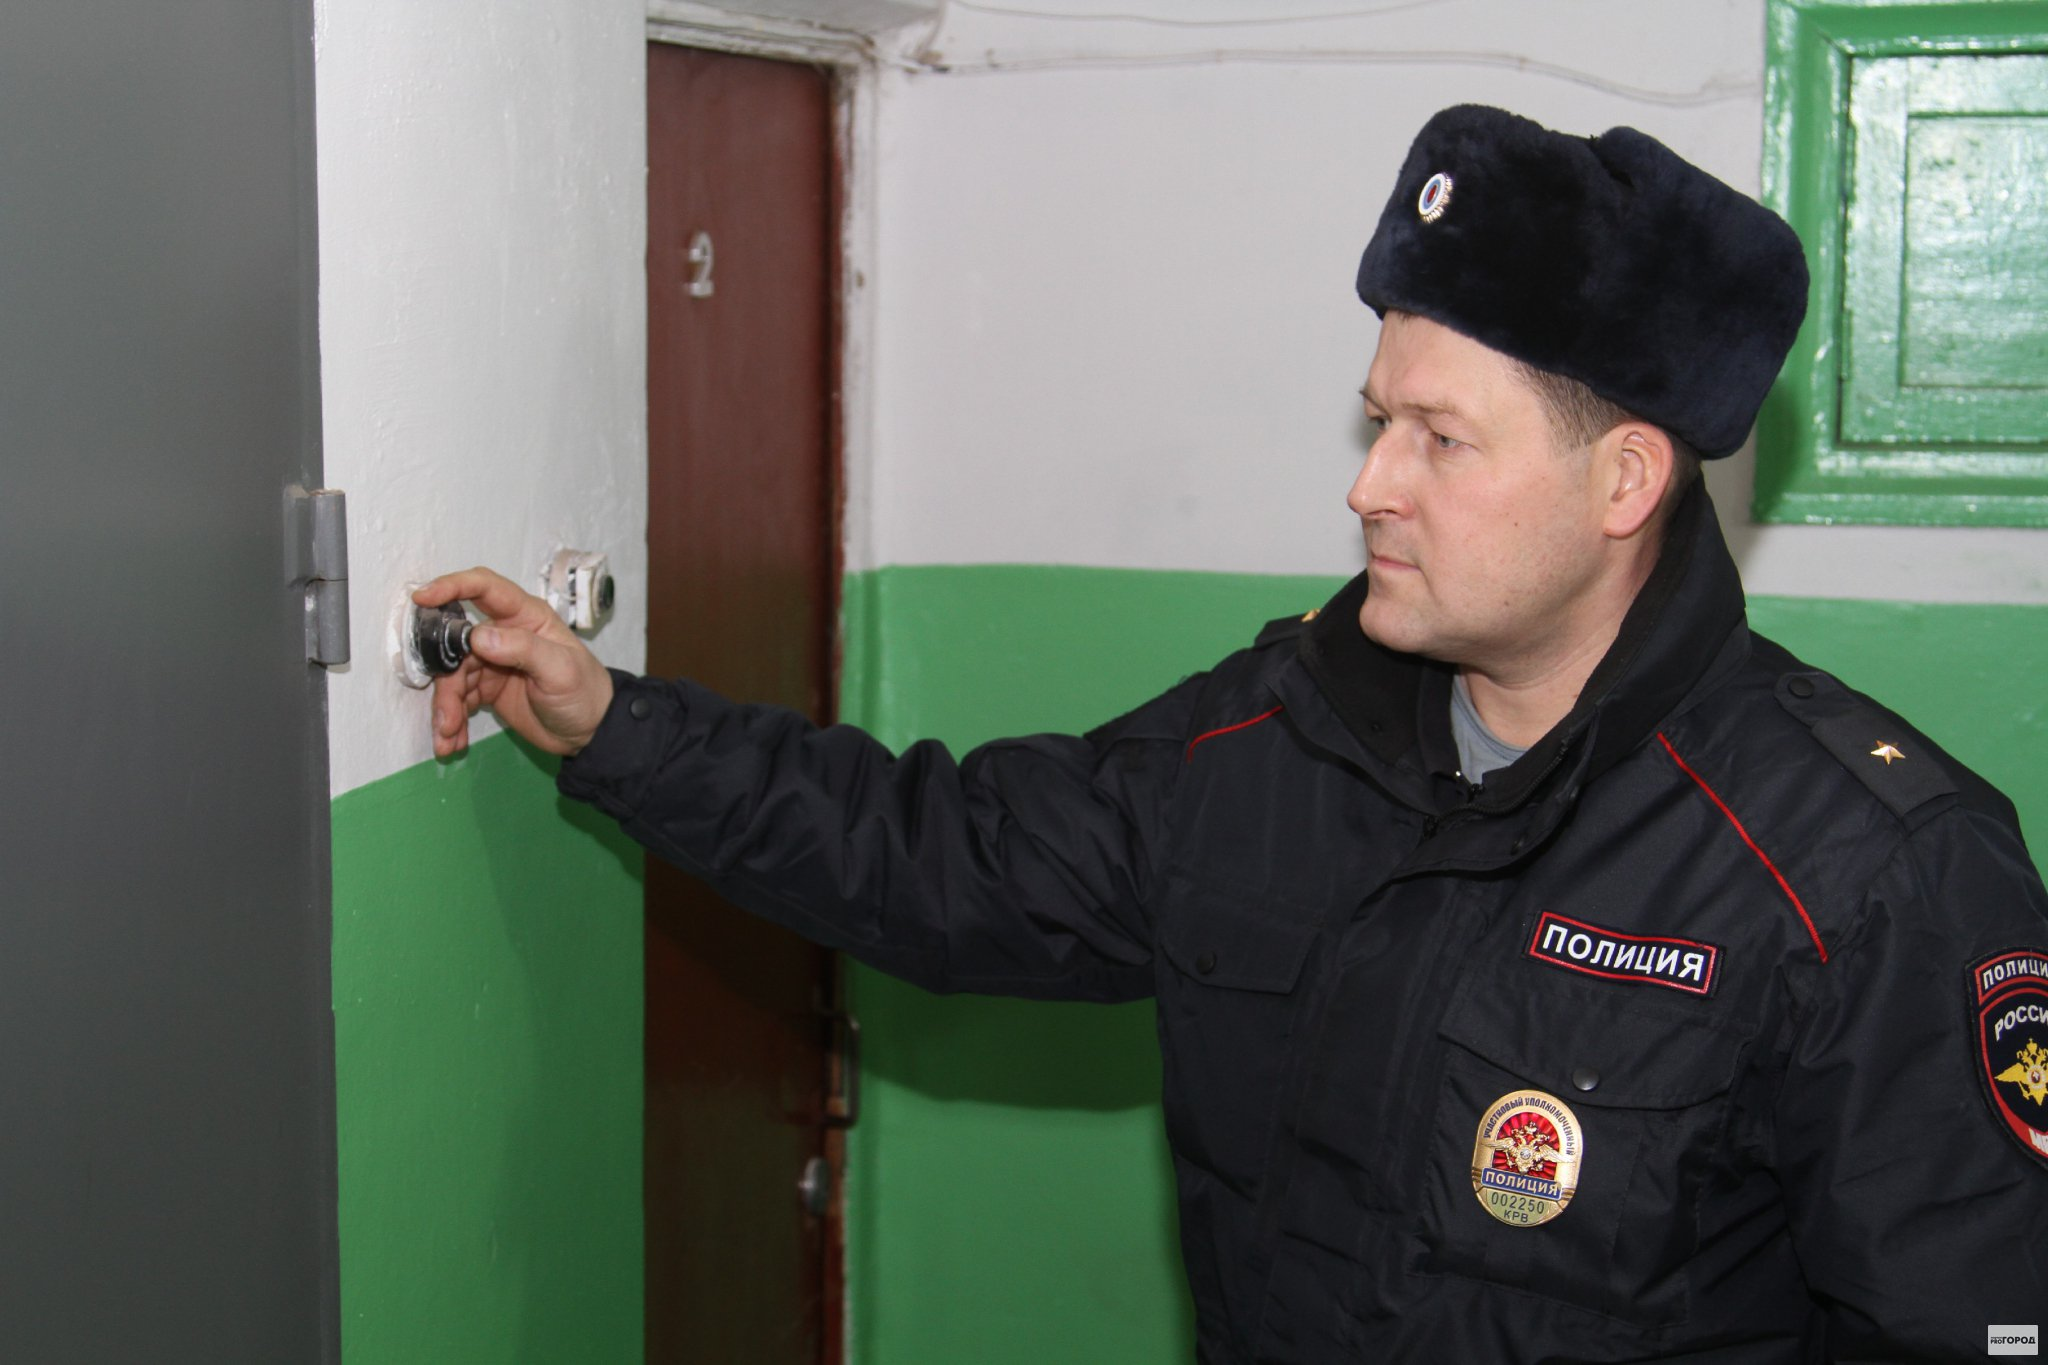 Посещение полиции при несоблюдении правил проведения ремонта